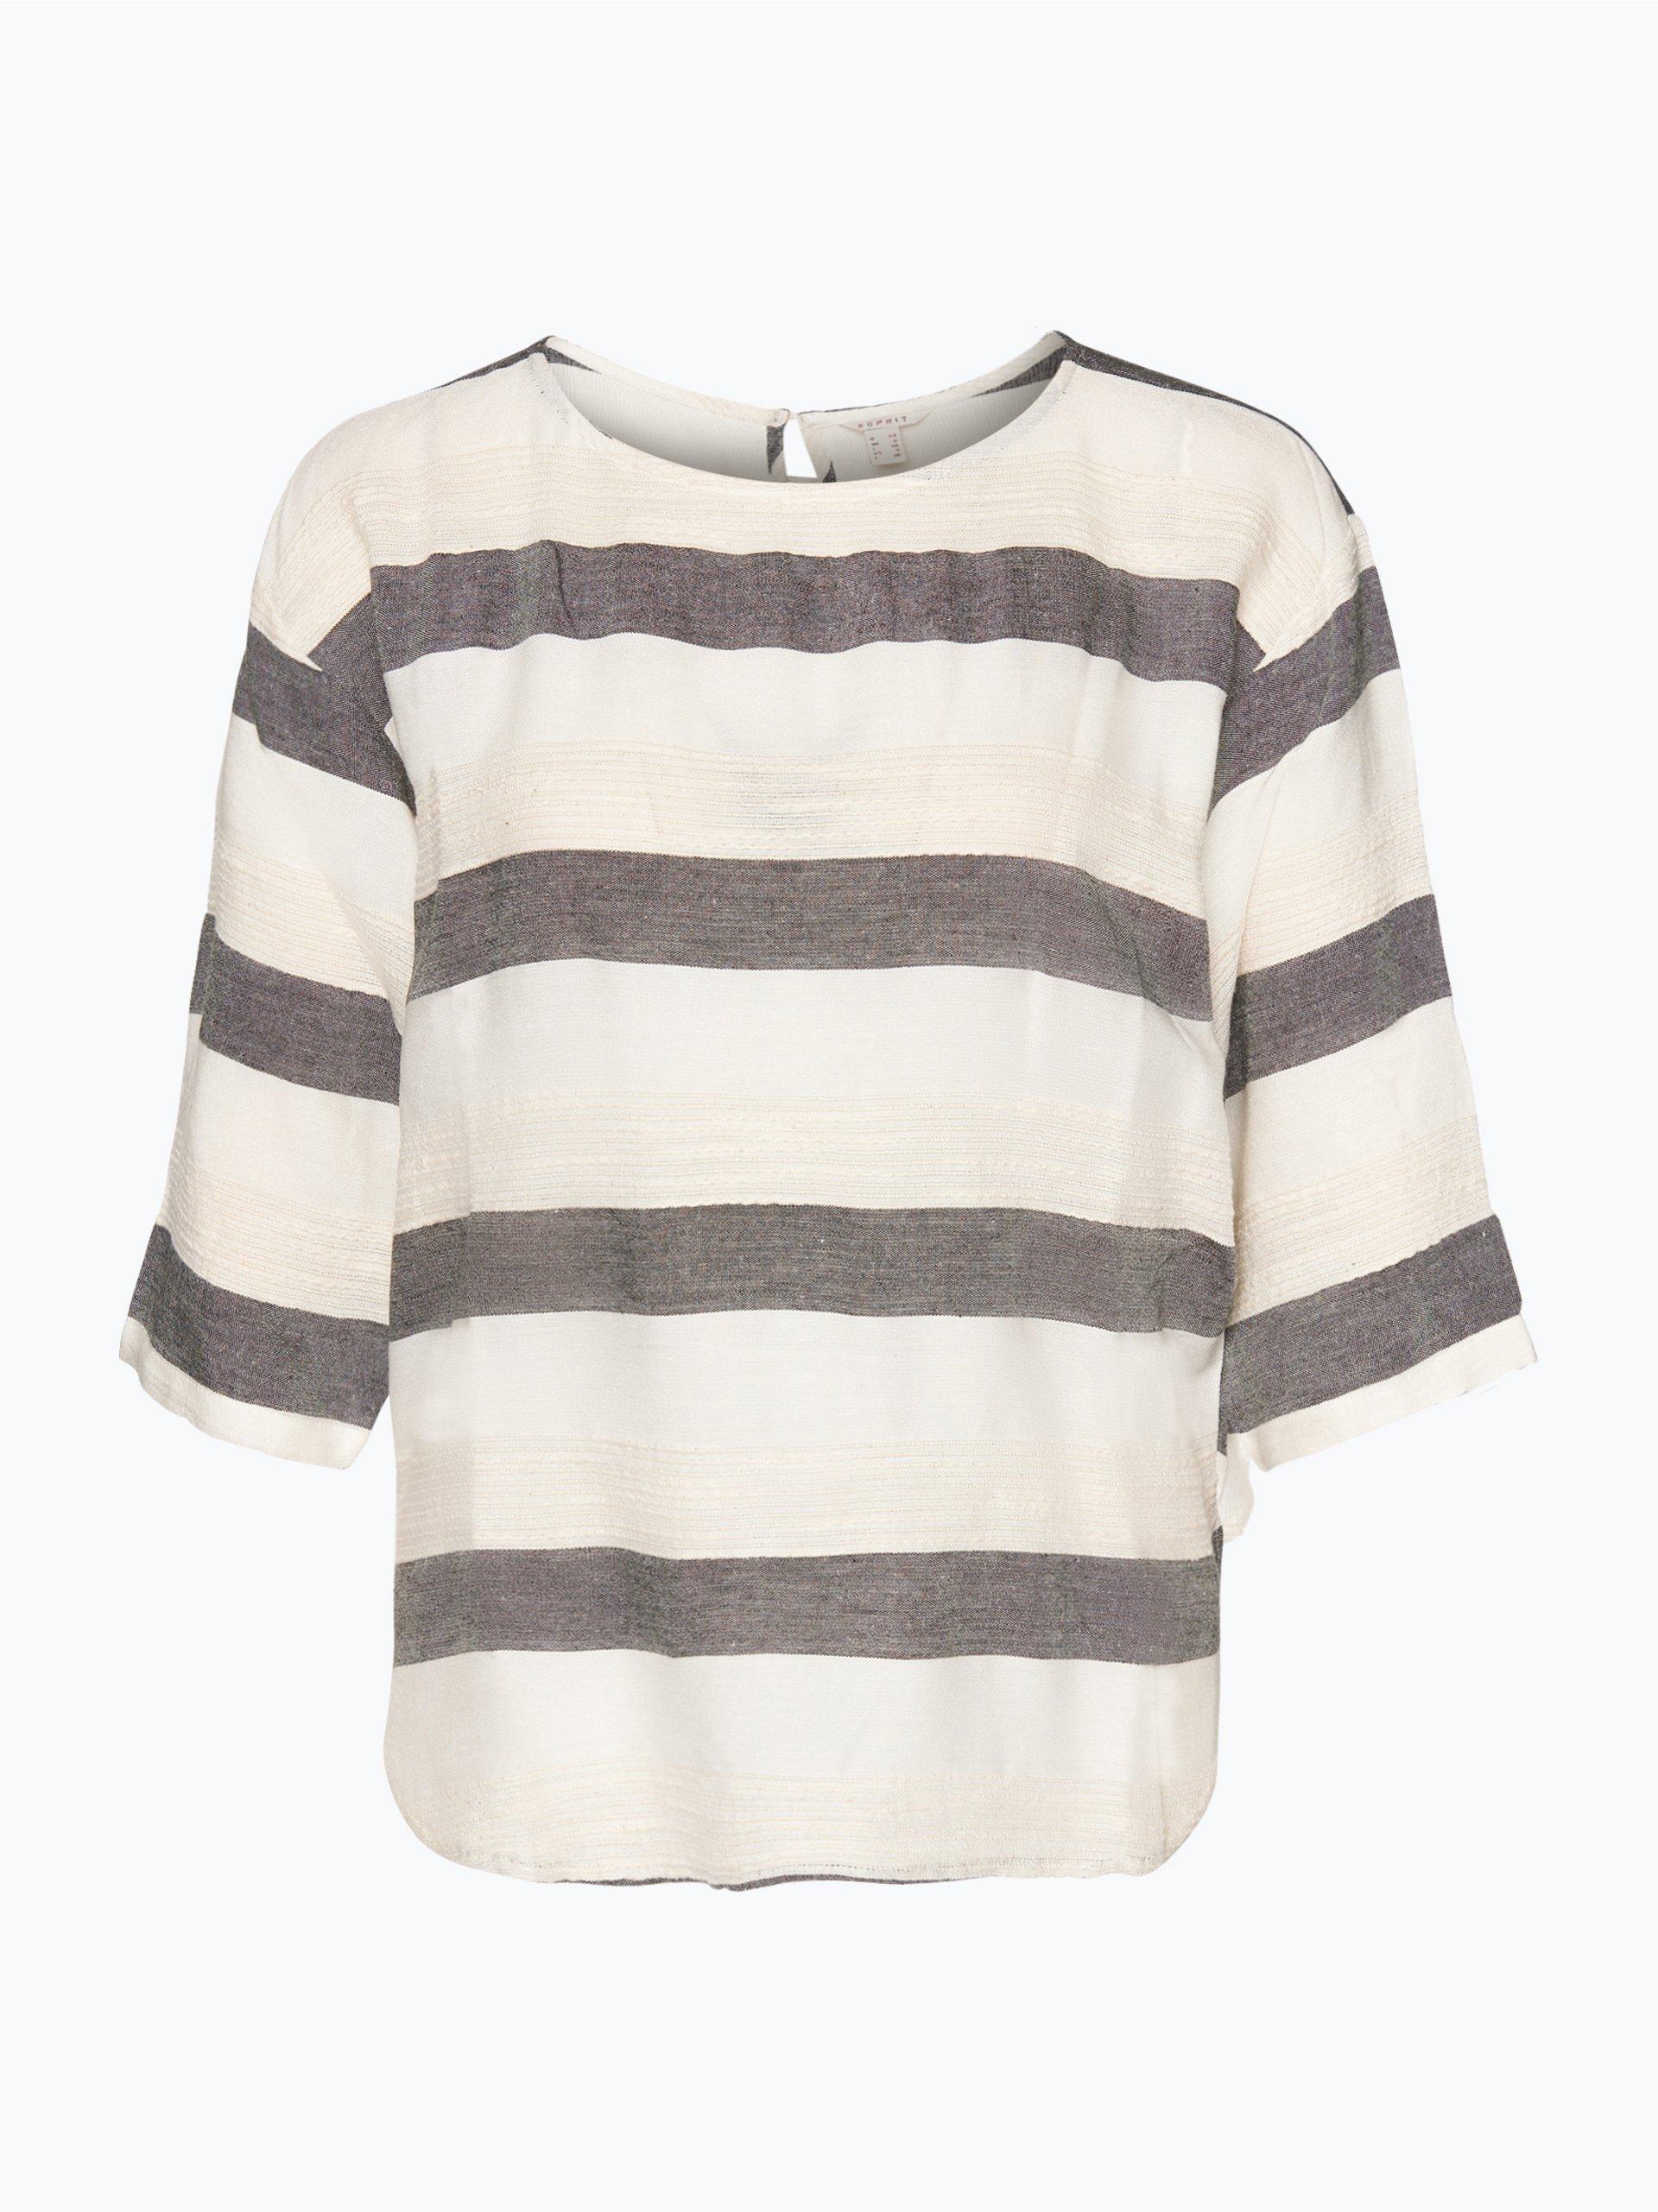 esprit casual damen bluse ecru gestreift online kaufen peek und cloppenburg de. Black Bedroom Furniture Sets. Home Design Ideas